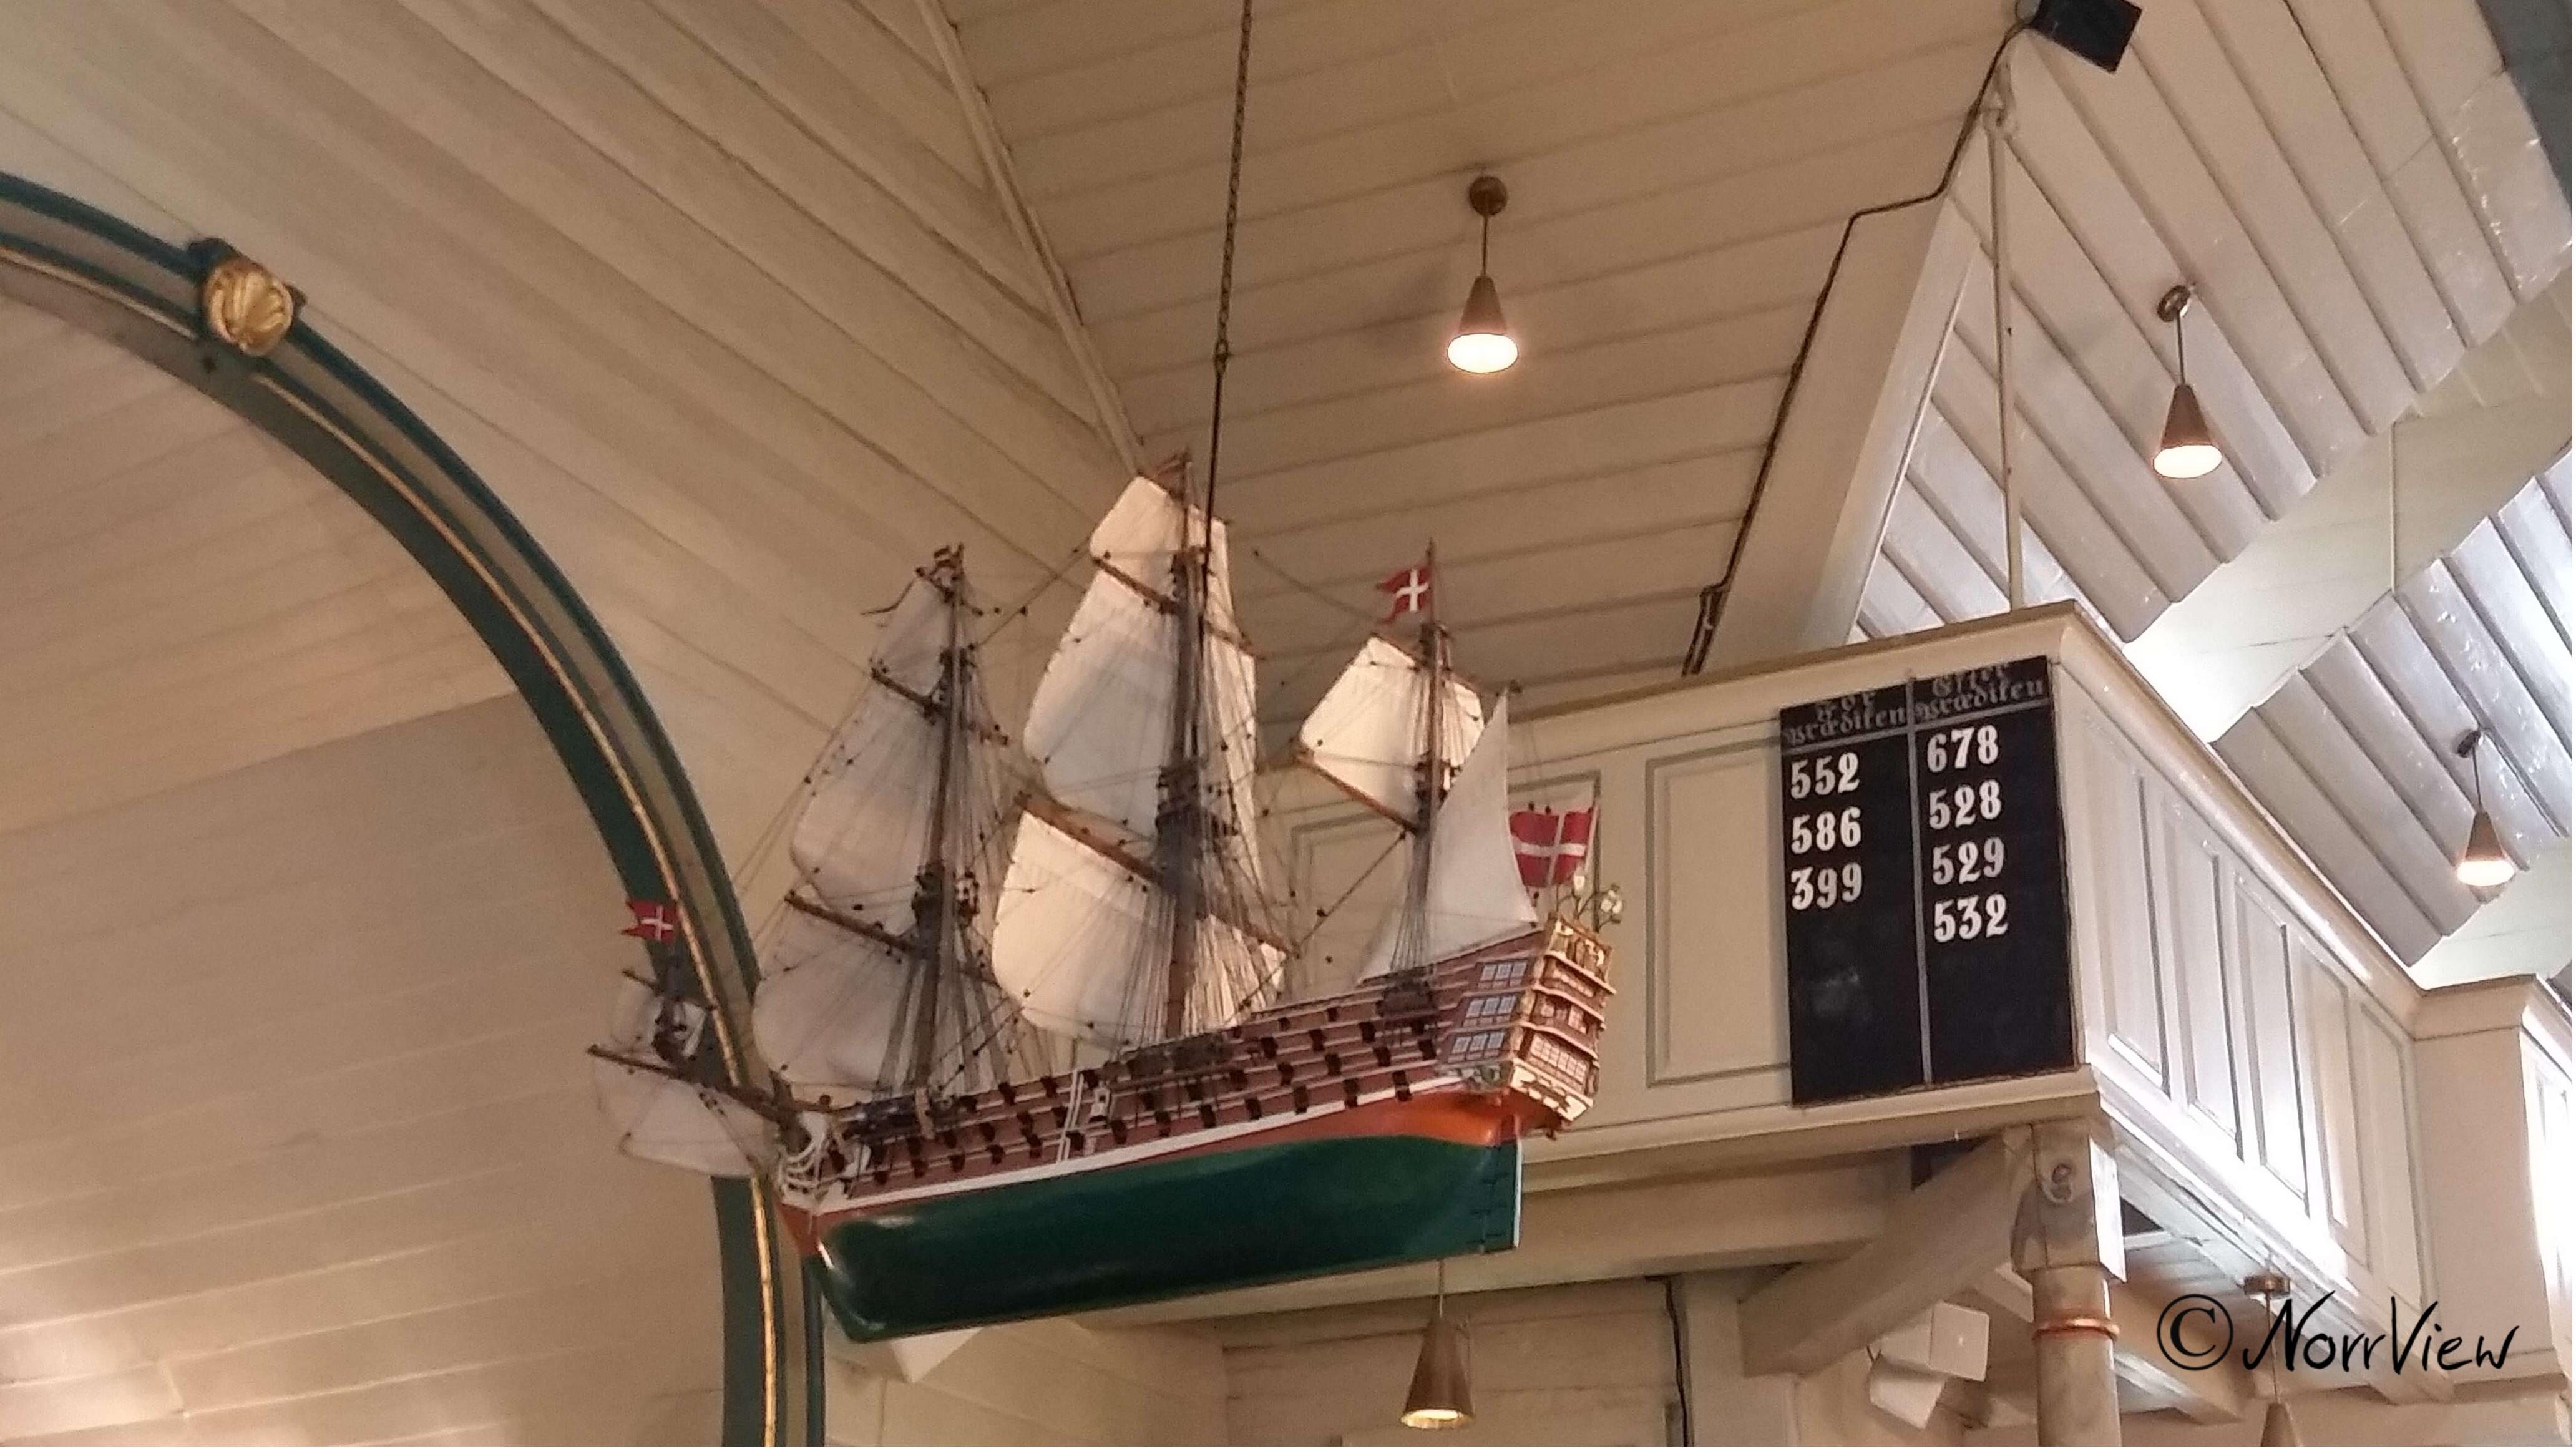 Kirchenschiff Egersund Norwegen